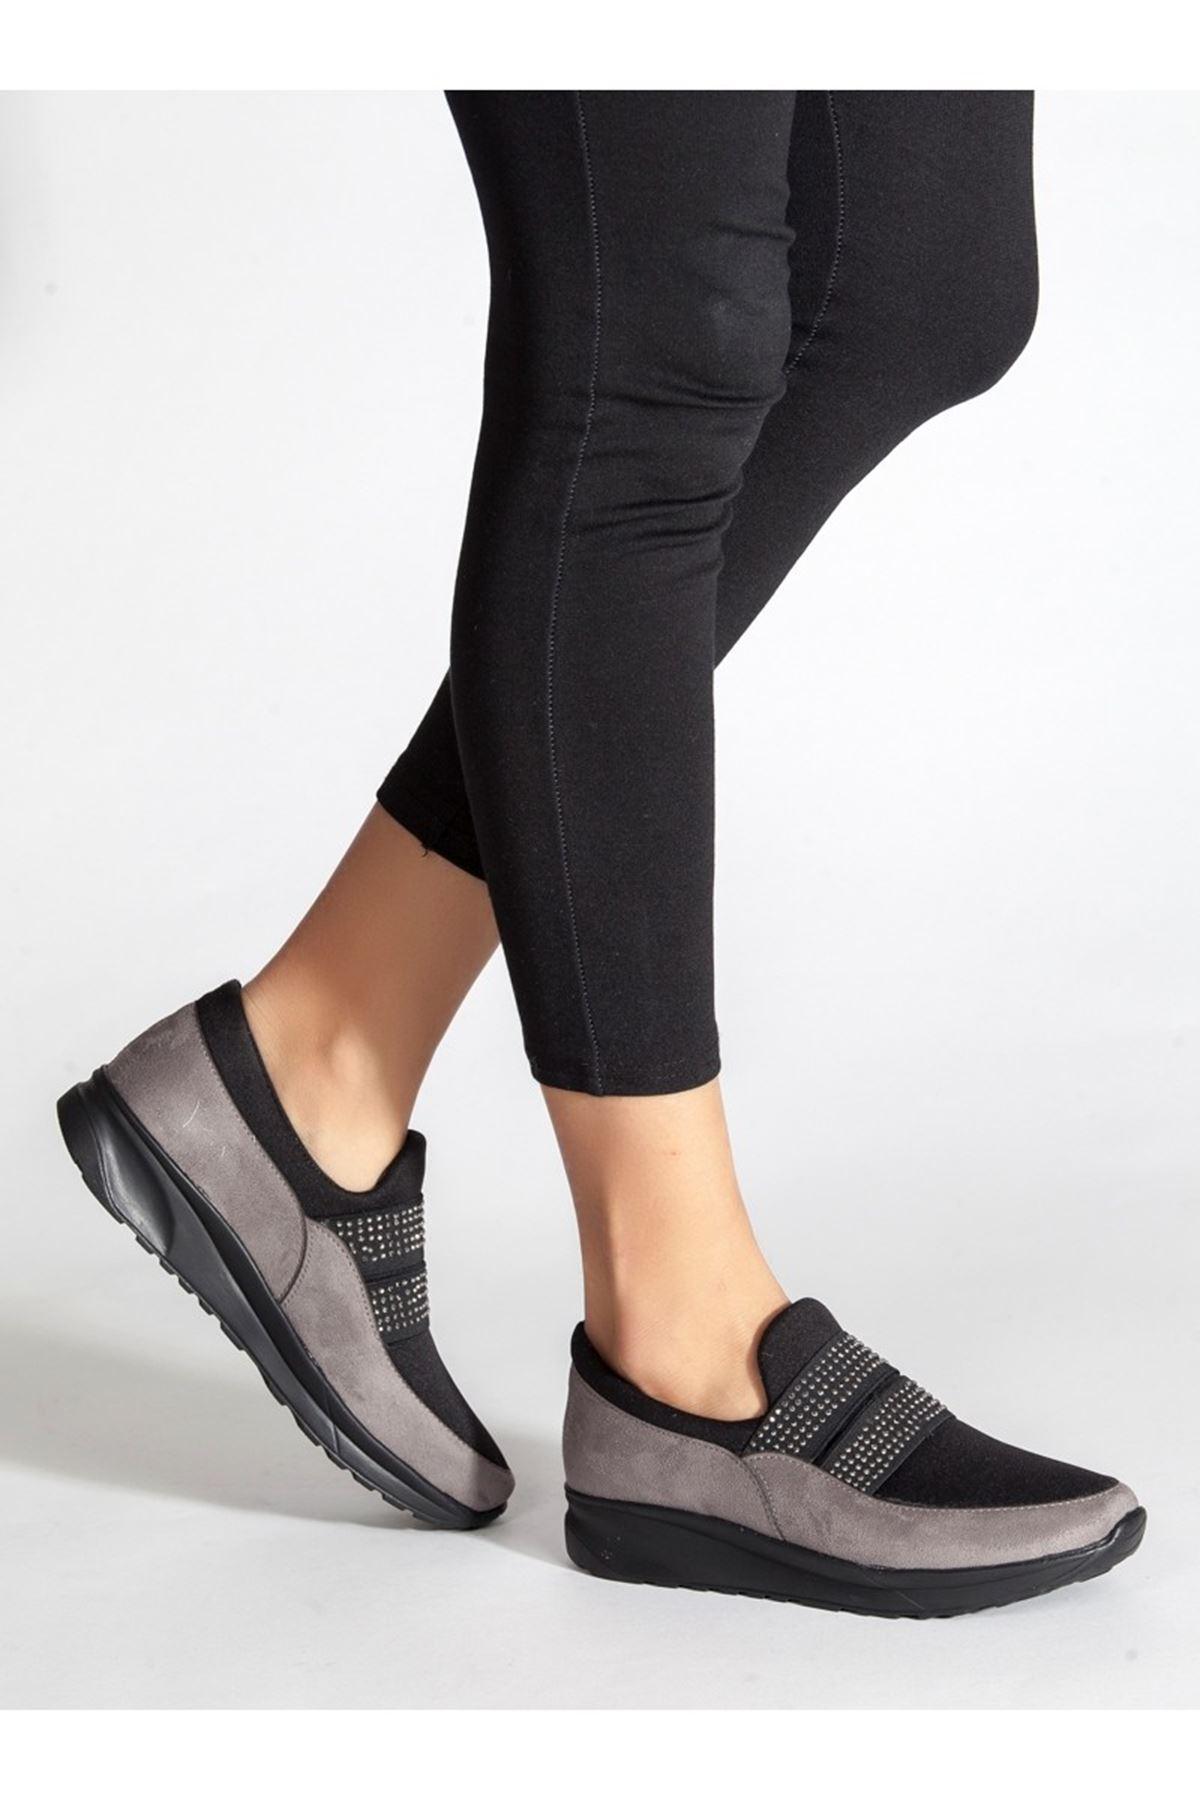 Bolo Füme Taşlı Bayan Spor Ayakkabı